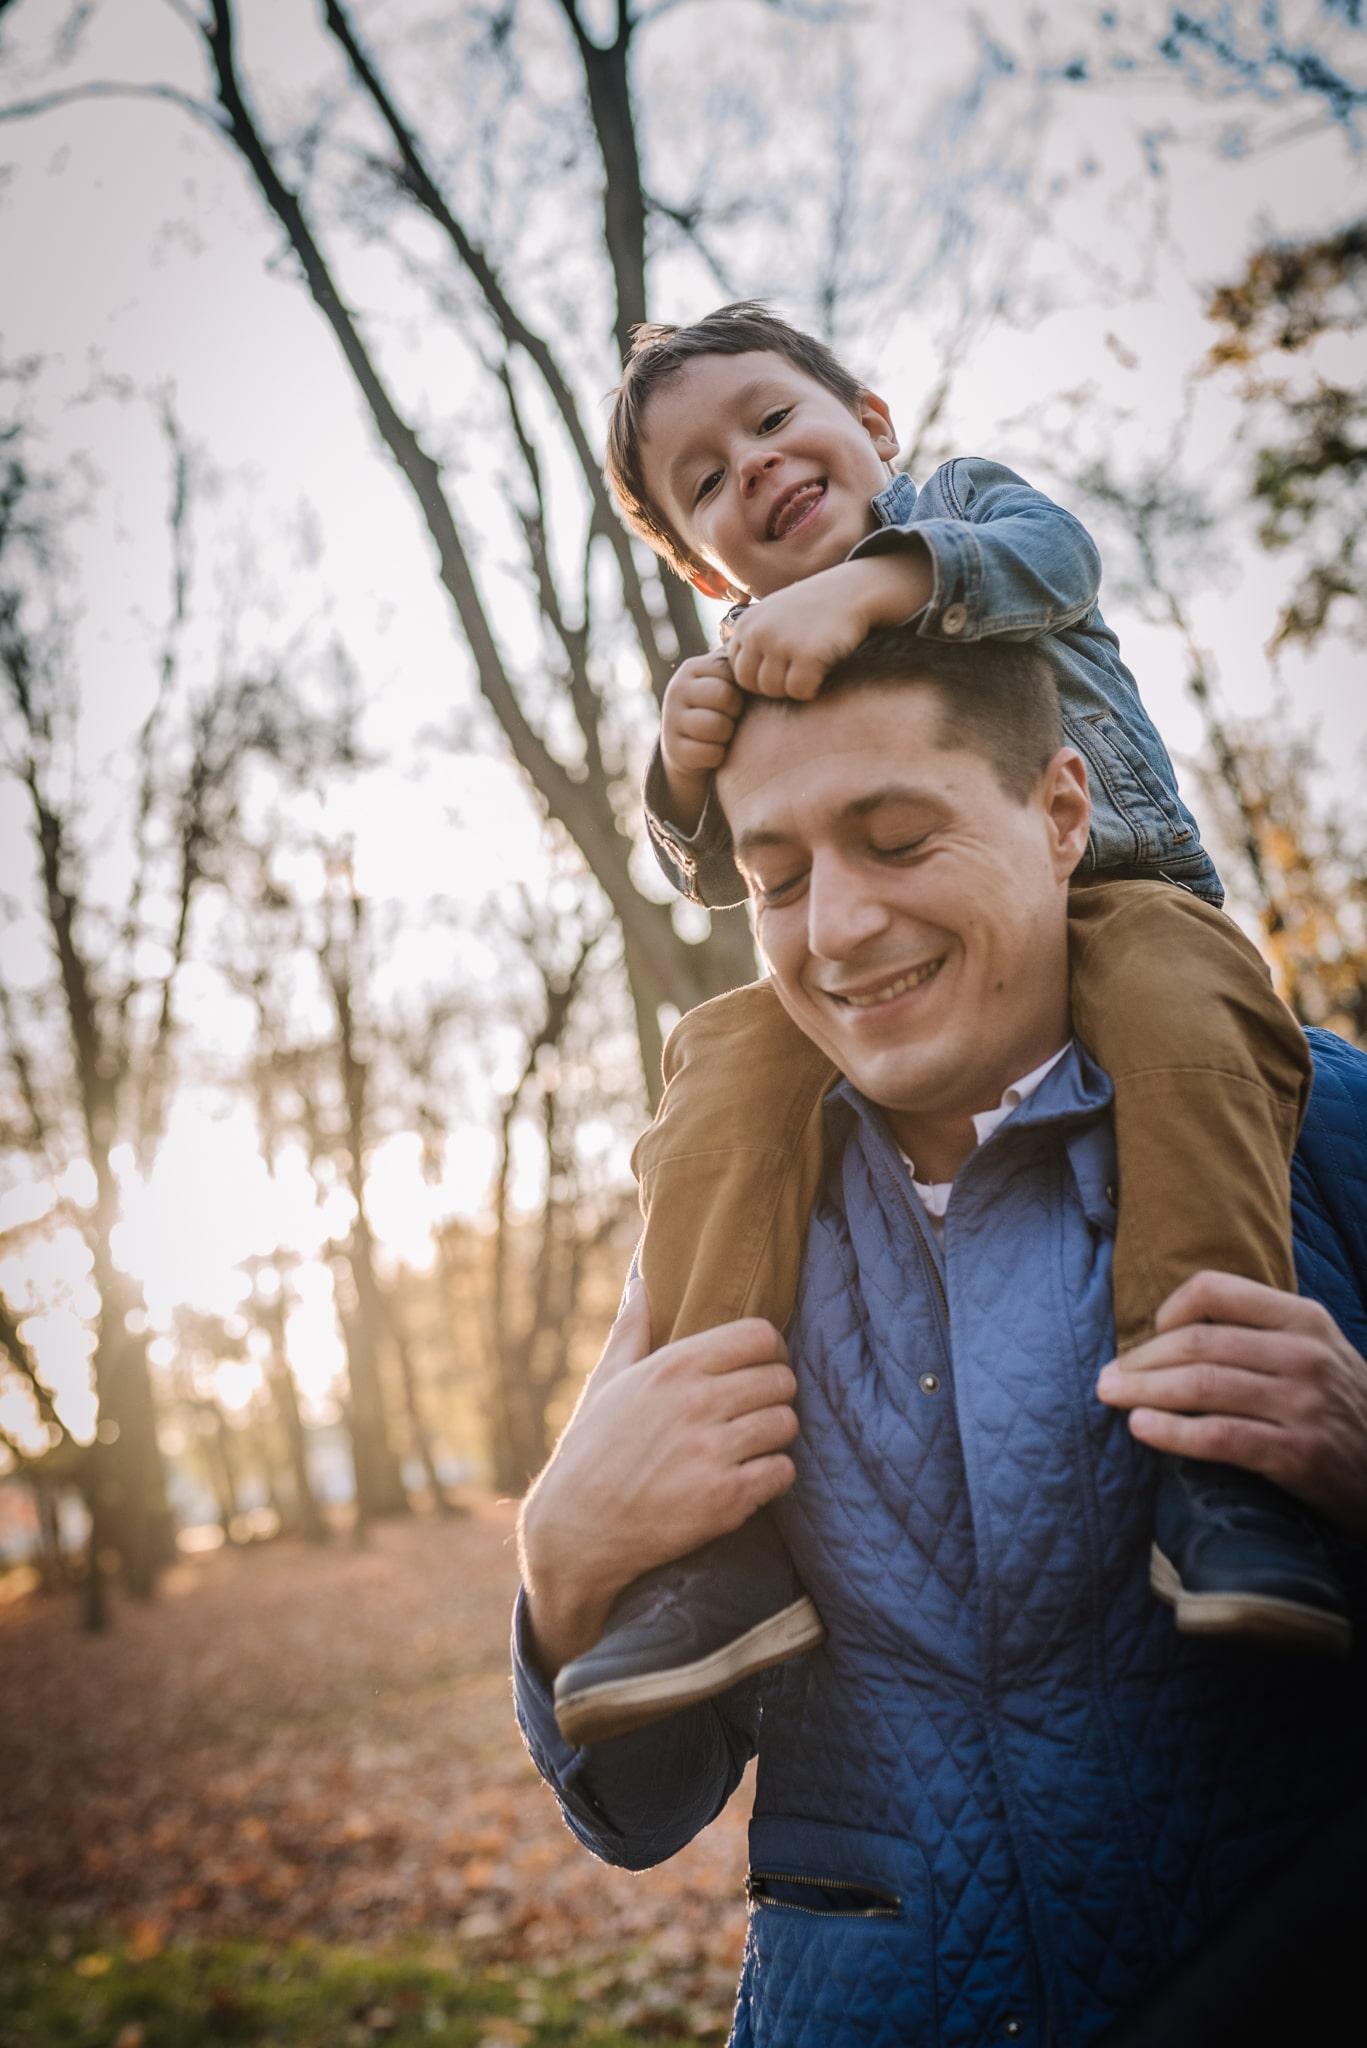 szczęśliwy syn na barana u taty